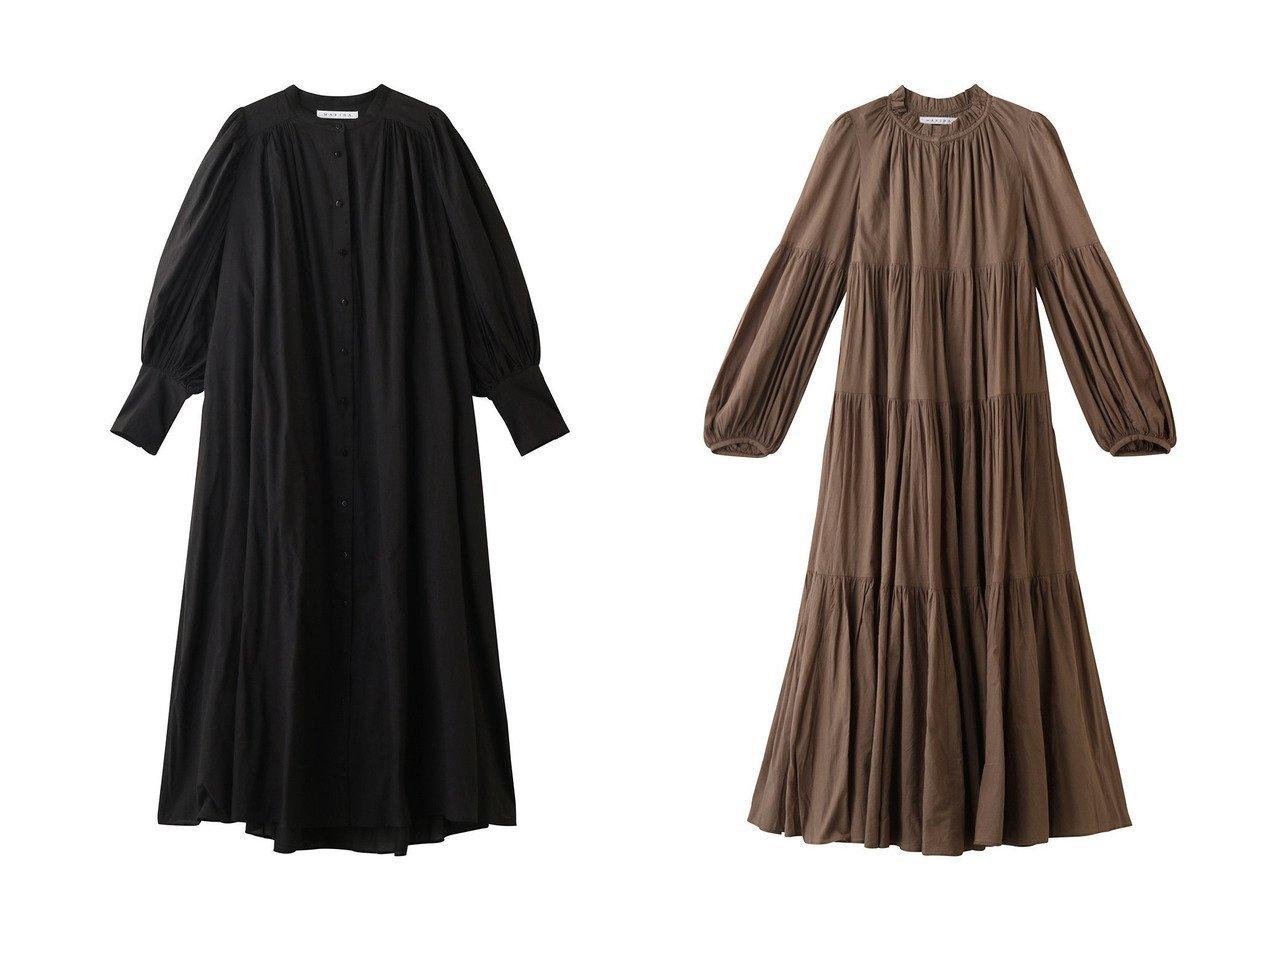 【MARIHA/マリハ】の星明りのドレス&鳥の歌のドレス(vs) 【ワンピース・ドレス】おすすめ!人気、トレンド・レディースファッションの通販 おすすめで人気の流行・トレンド、ファッションの通販商品 インテリア・家具・メンズファッション・キッズファッション・レディースファッション・服の通販 founy(ファニー) https://founy.com/ ファッション Fashion レディースファッション WOMEN ワンピース Dress ドレス Party Dresses 2021年 2021 2021-2022秋冬・A/W AW・Autumn/Winter・FW・Fall-Winter・2021-2022 A/W・秋冬 AW・Autumn/Winter・FW・Fall-Winter スリーブ ドレス フェミニン スニーカー マキシ  ID:crp329100000054604